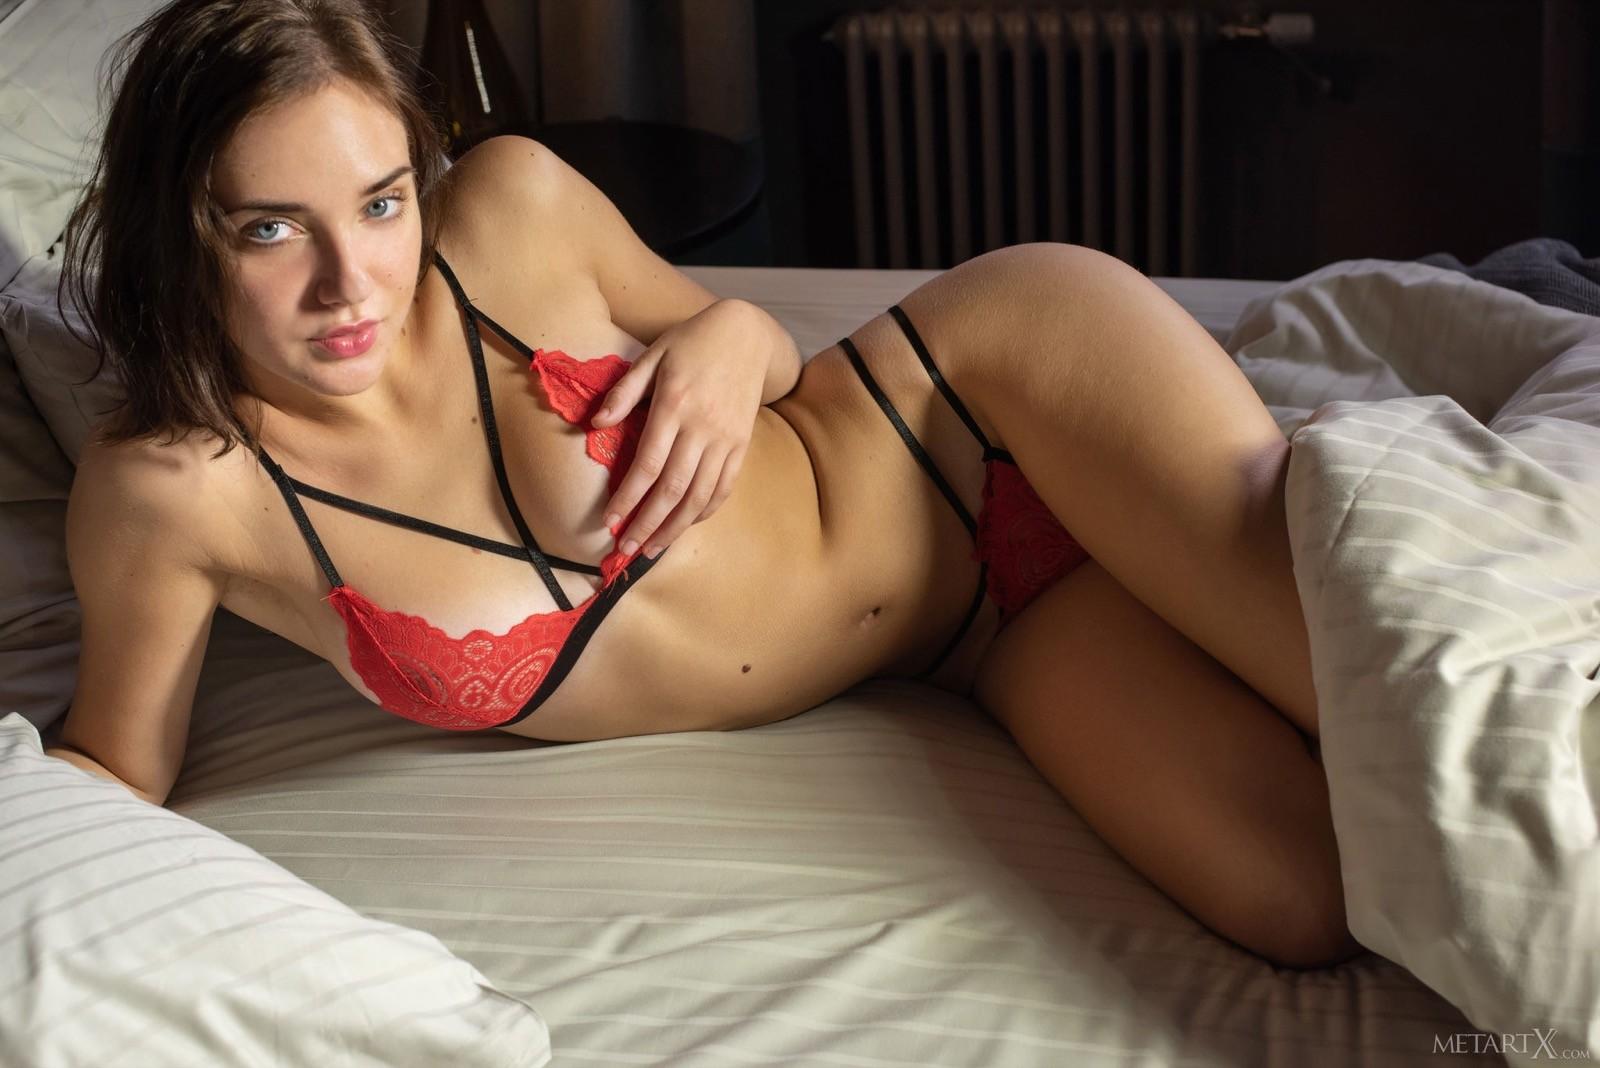 Голая девушка трётся киской об подушку - фото